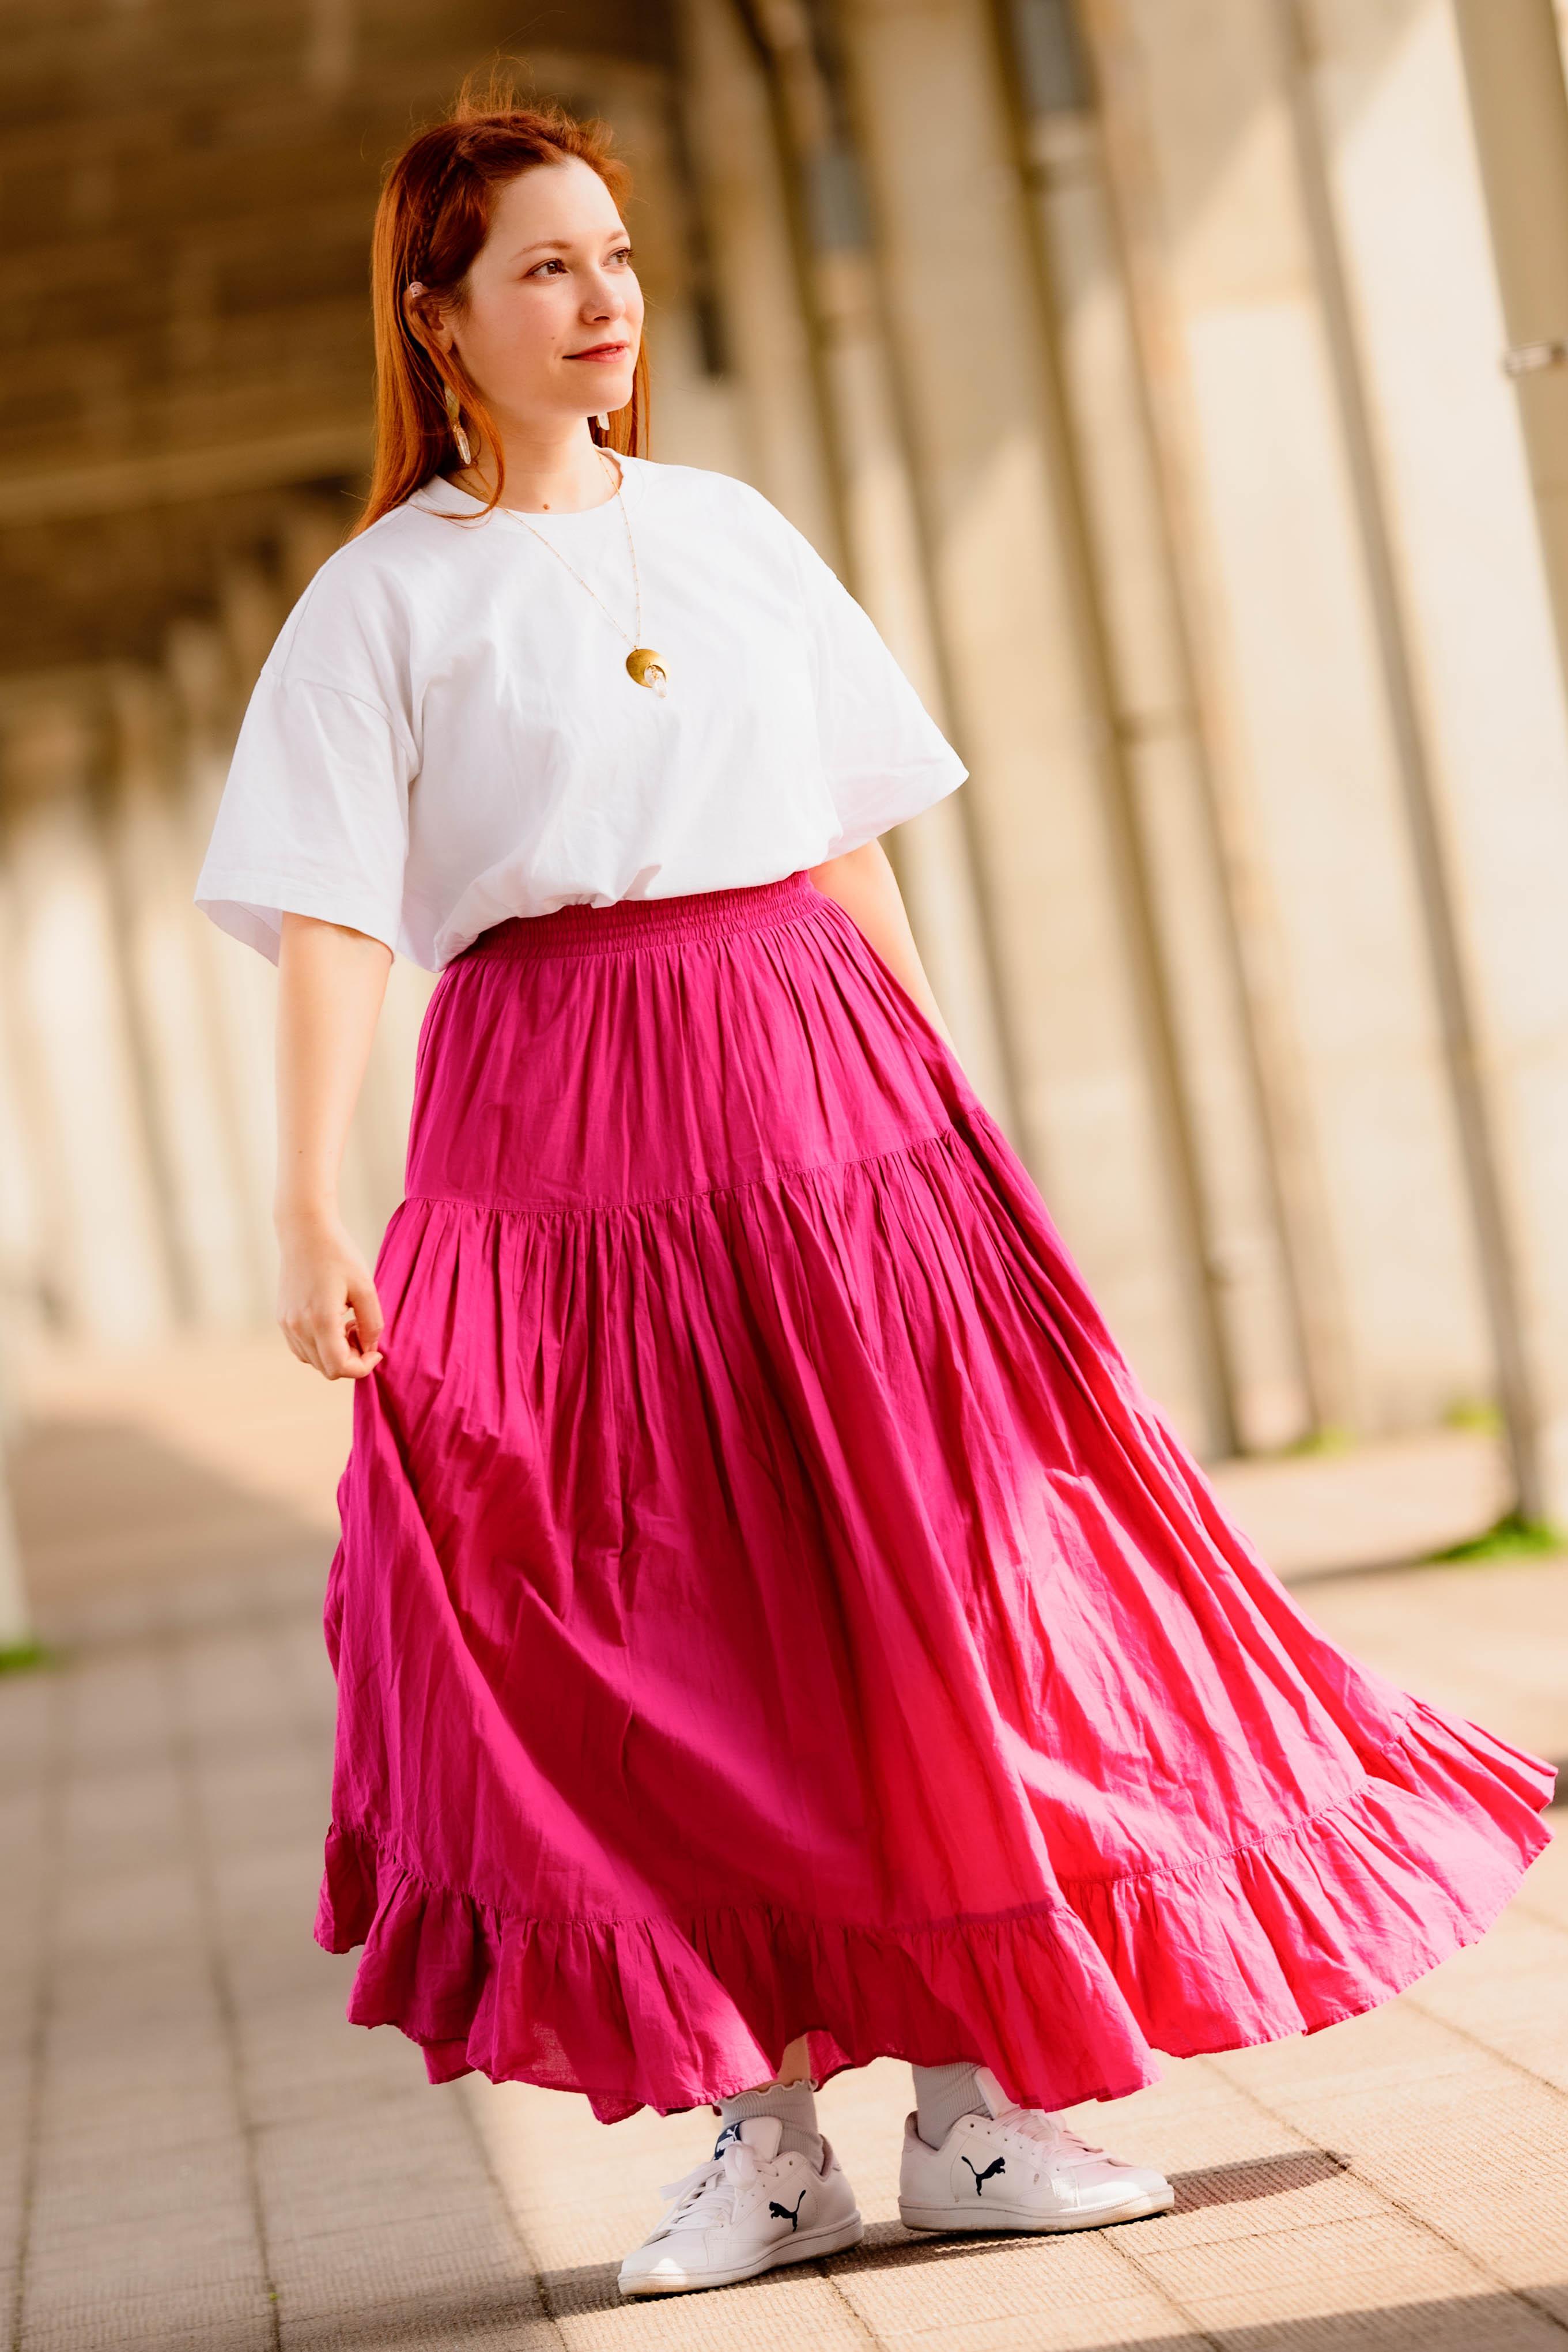 外国人モデル/外国人俳優 ミキ・クラークの写真5